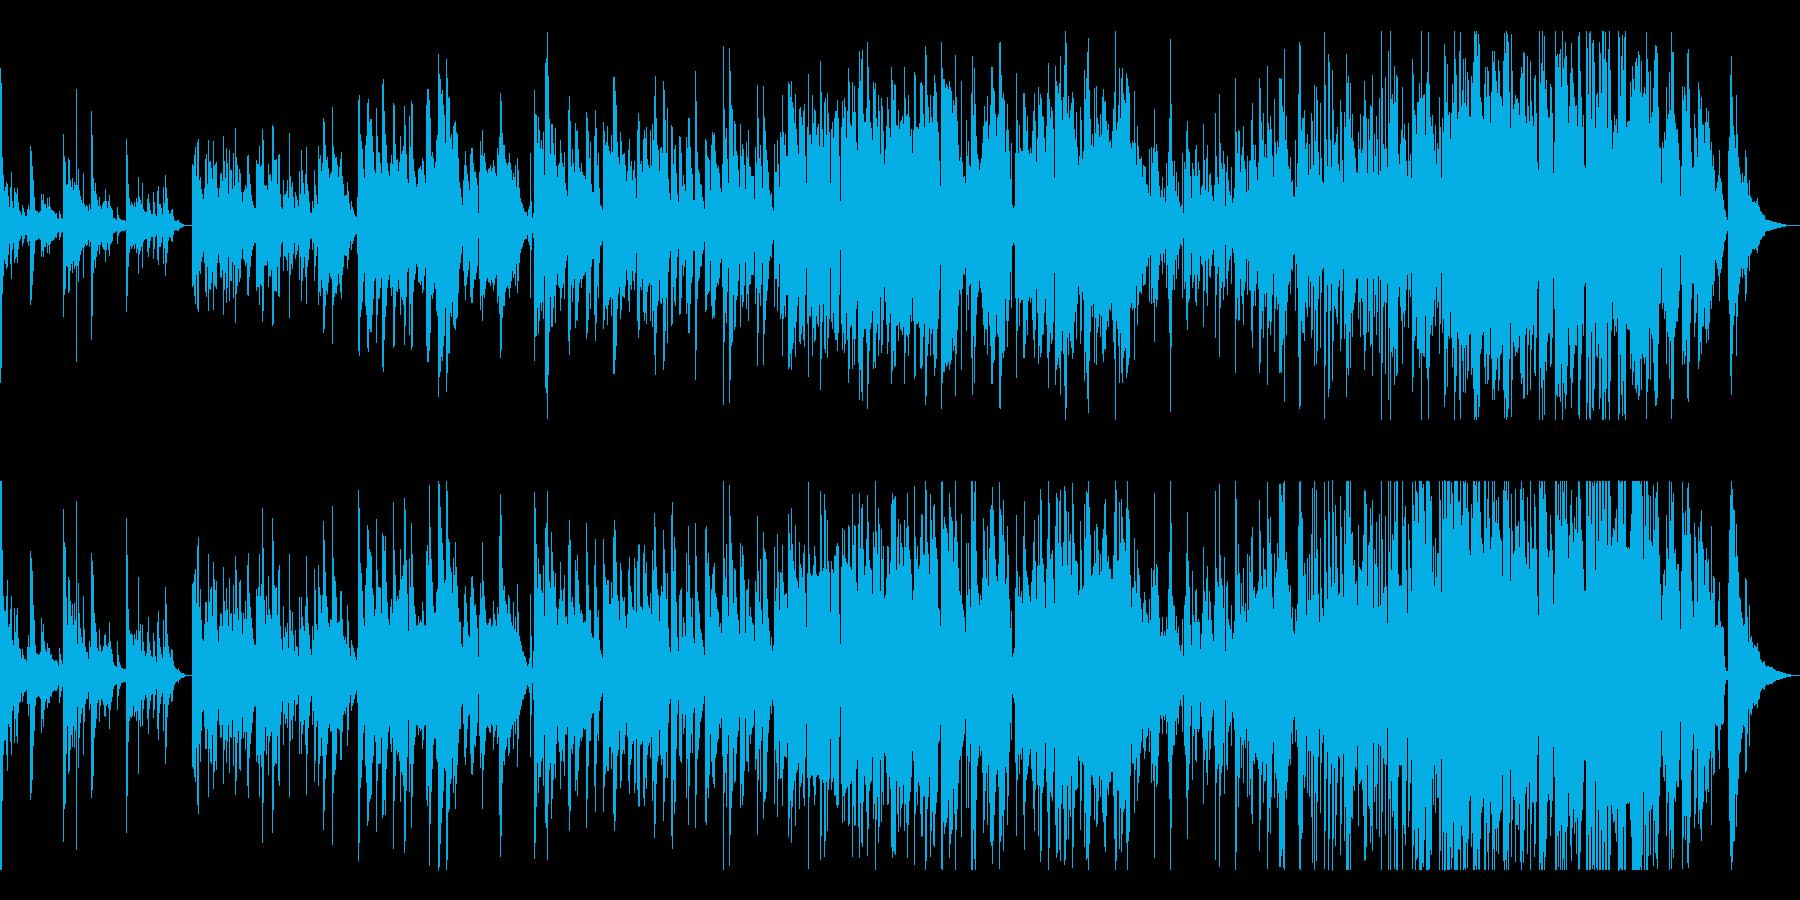 ソプラノサックスとピアノ感動的なバラードの再生済みの波形